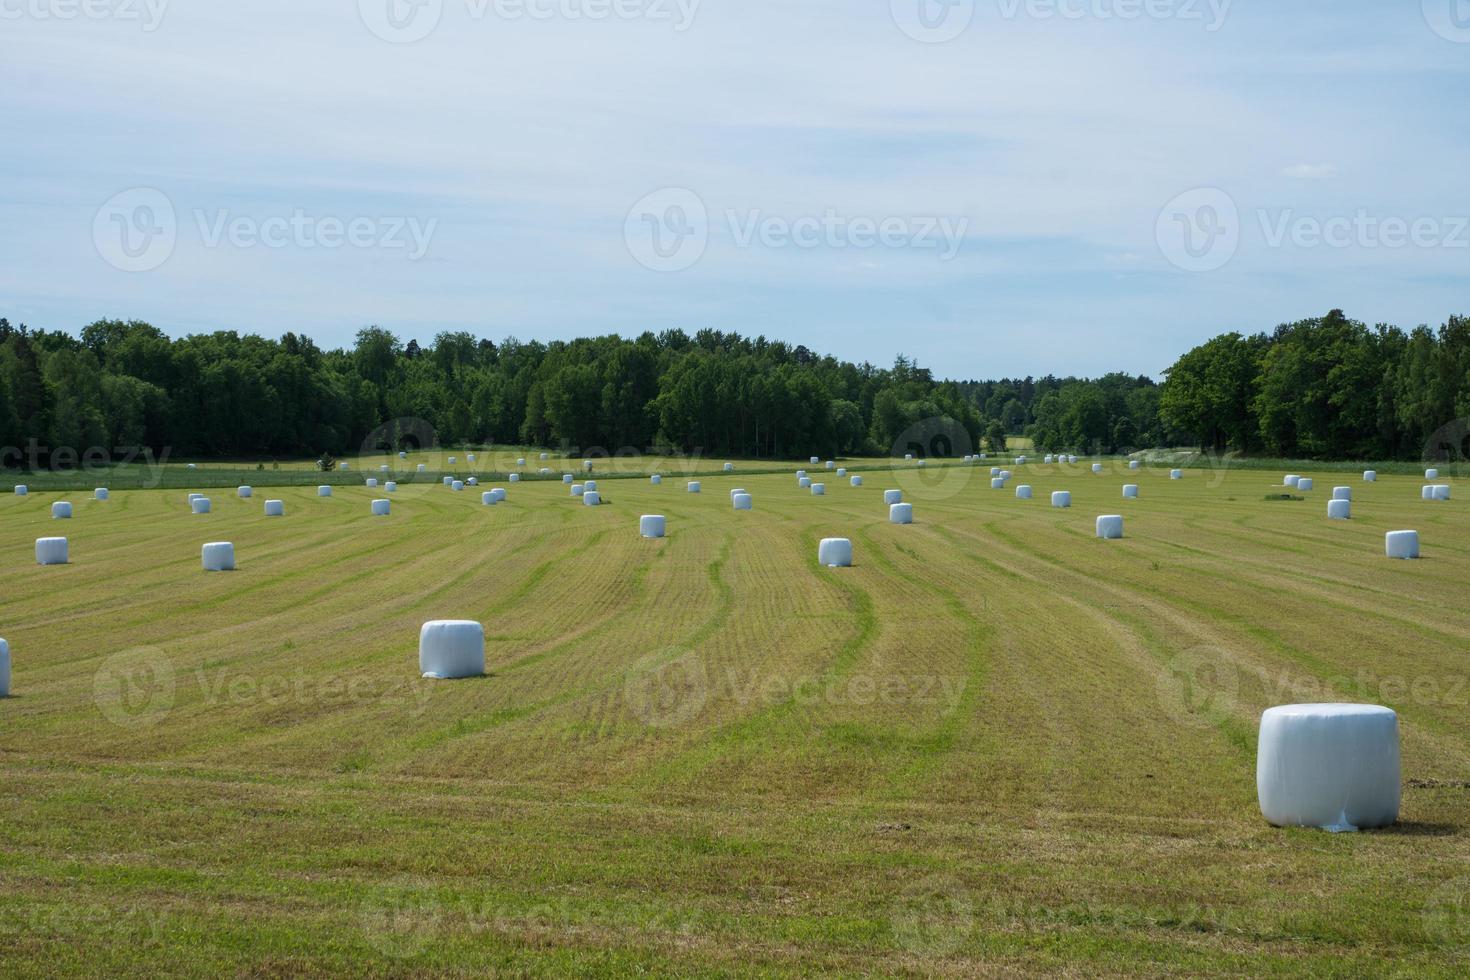 geerntetes Feld gefüllt mit weißen Heuspulen foto